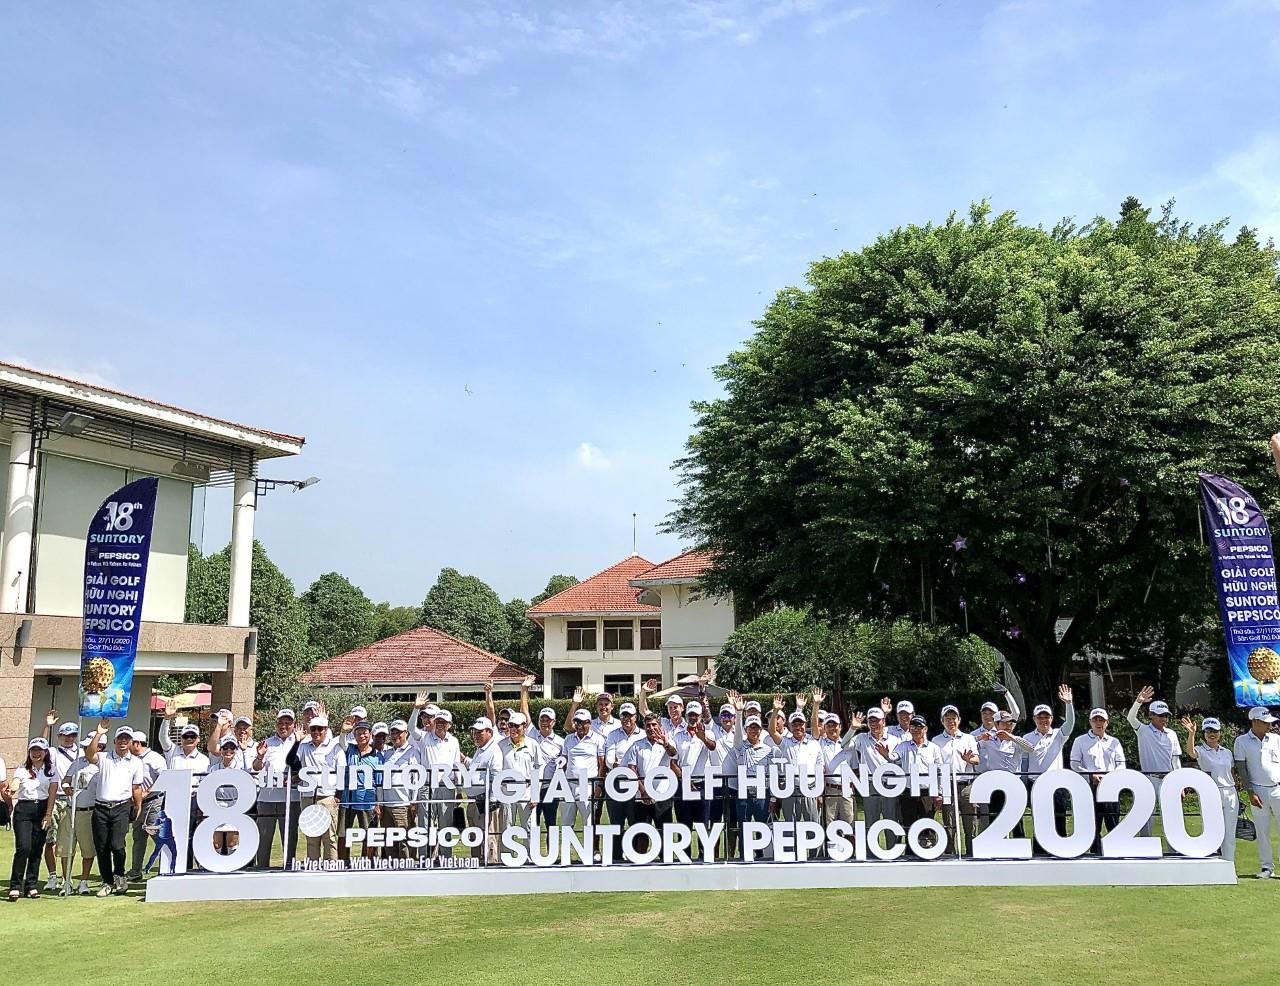 Giải golf Hữu Nghị Suntory PepsiCo gây quỹ gần 1.8 tỷ đồng cho bệnh nhi ung thư